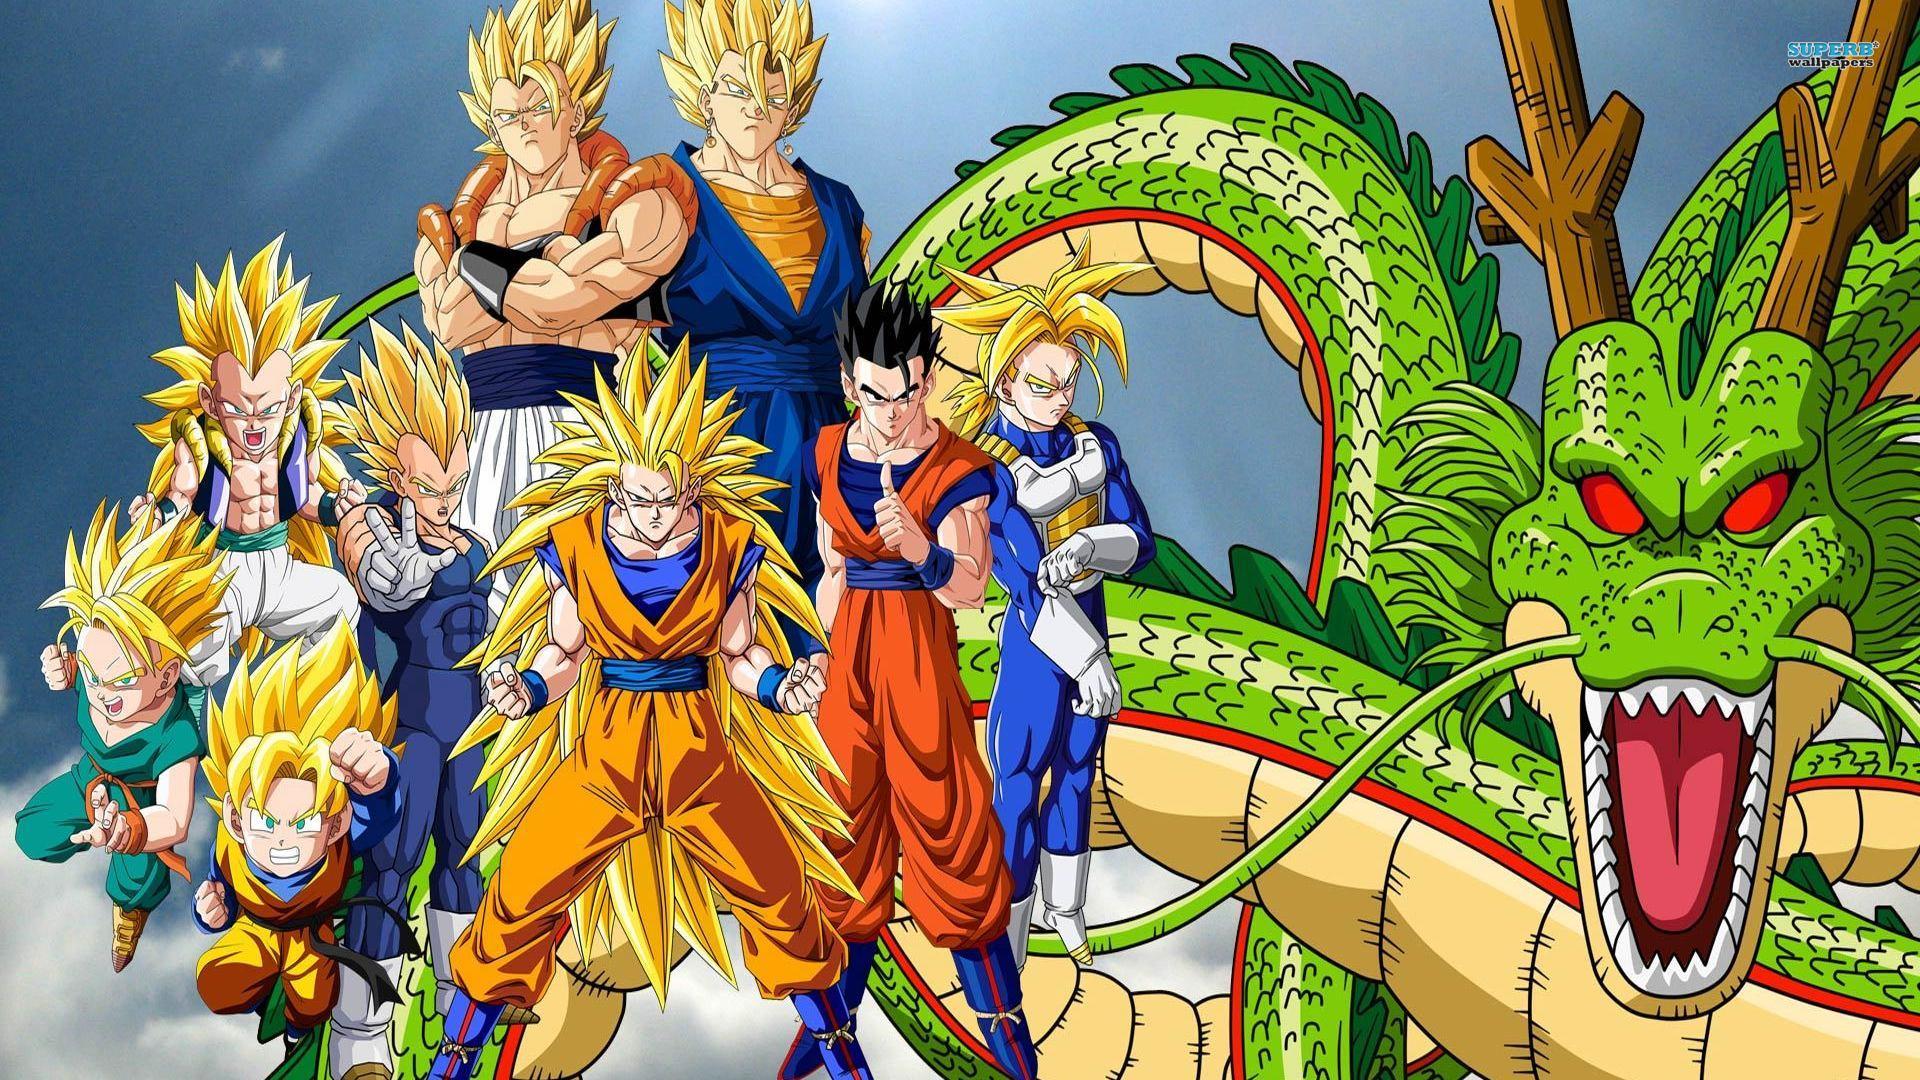 High Resolution Best Anime Dragon Ball Z Wallpaper HD 1 1920x1080